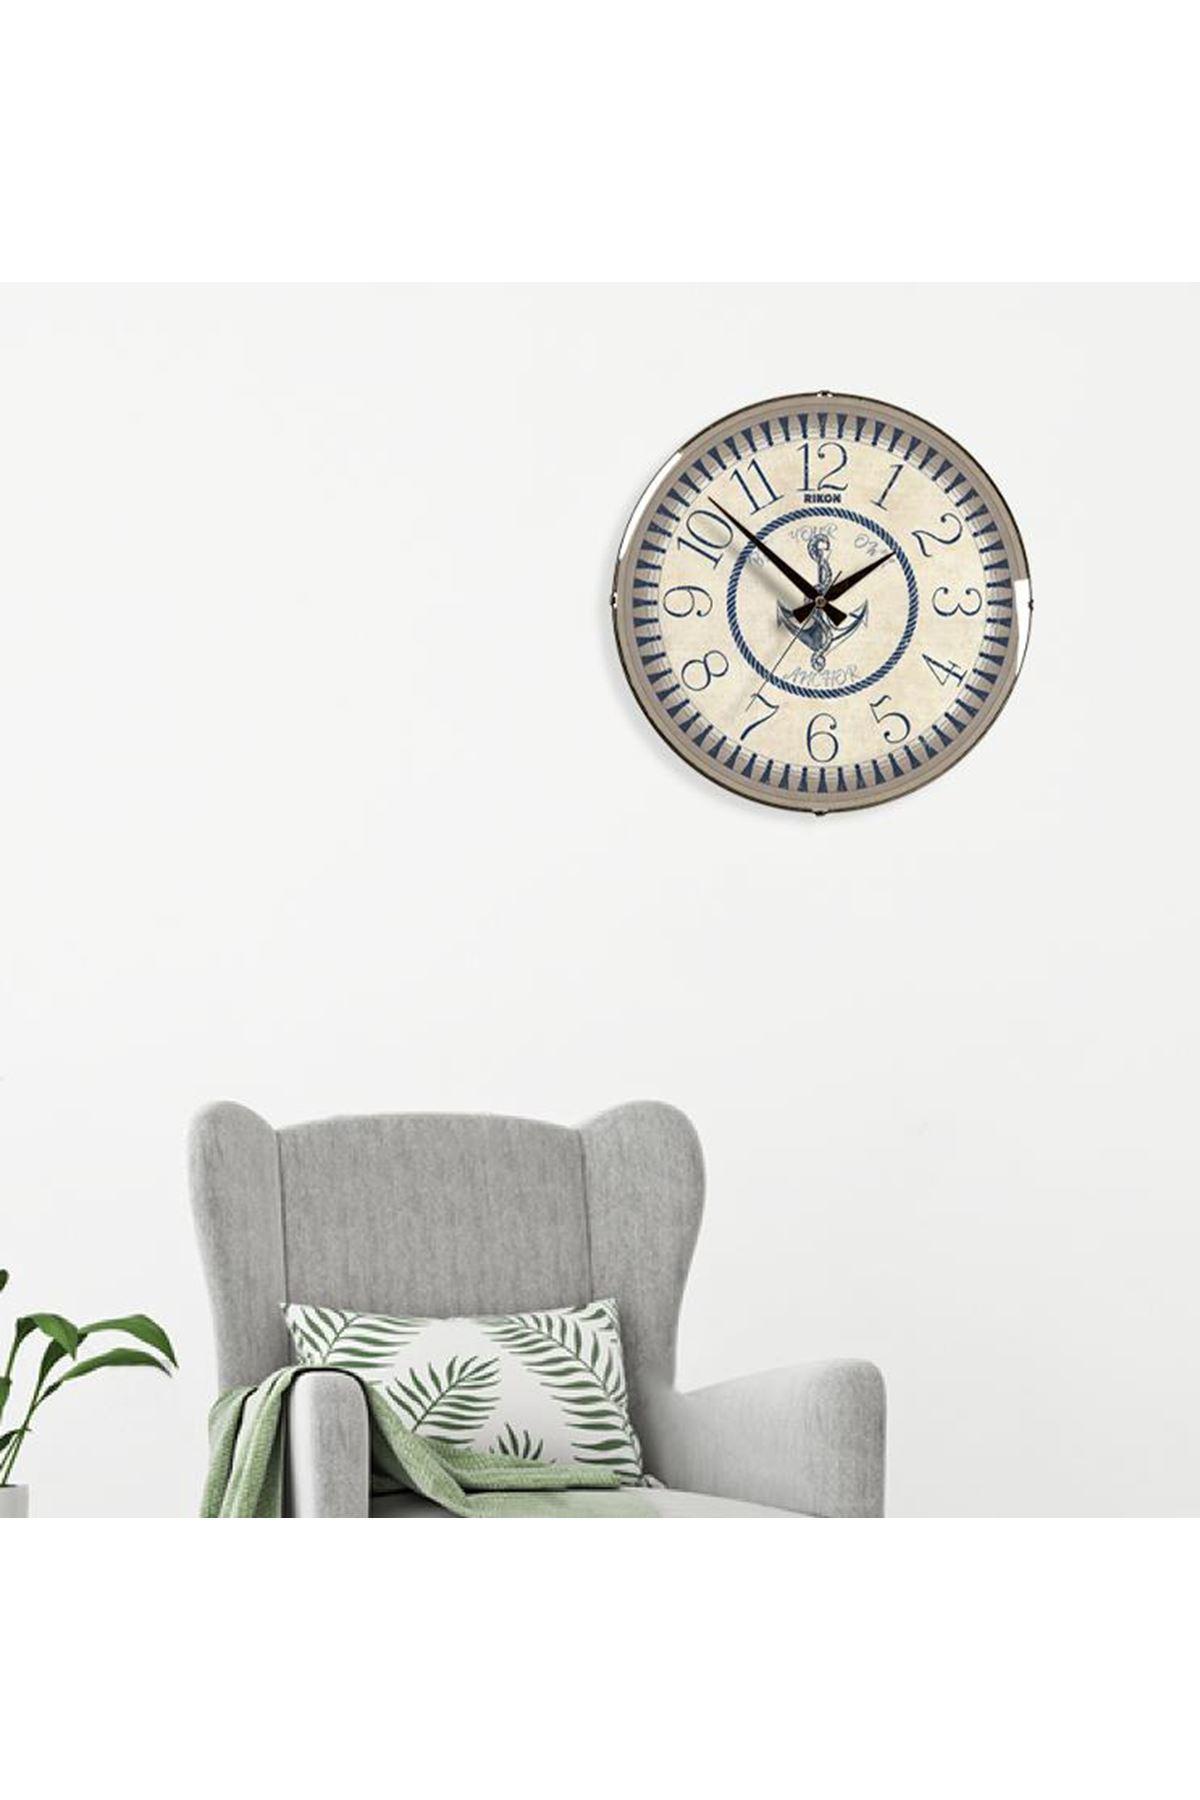 Rikon Anchor Deniz Çapası Dekoratif Bombe Camlı Duvar Saati  35Cm